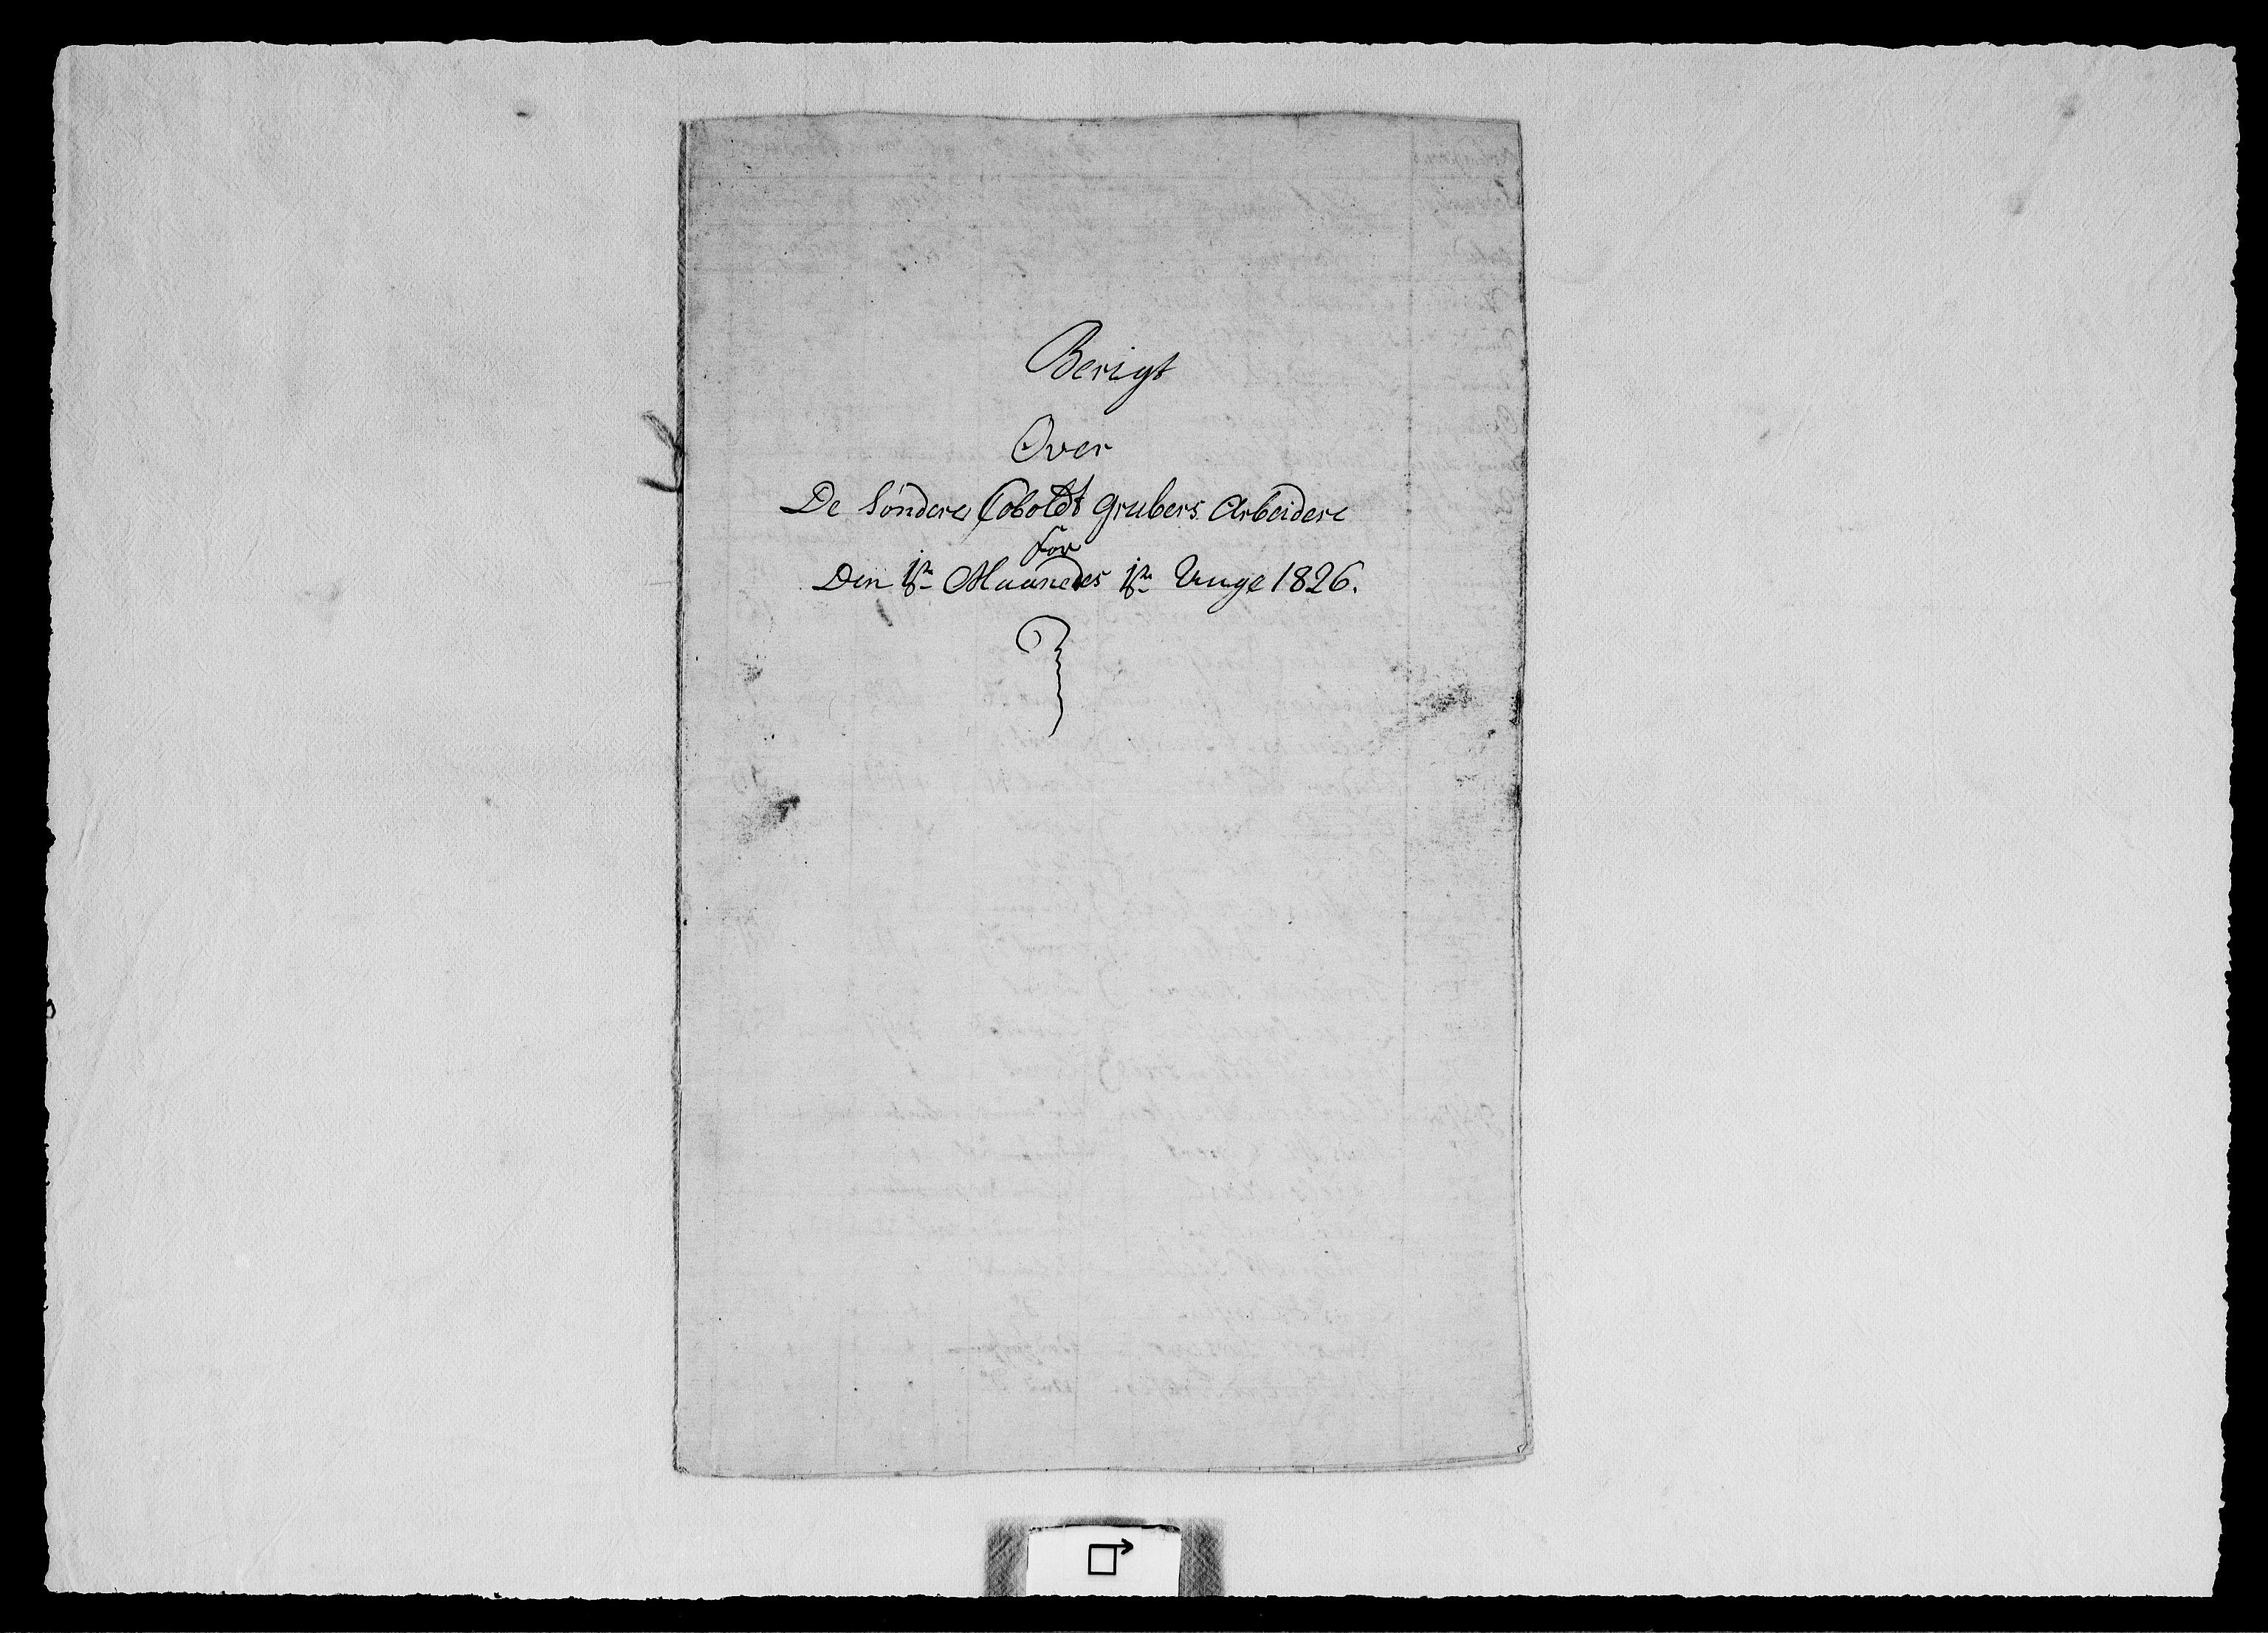 RA, Modums Blaafarveværk, G/Ge/L0328, 1826, s. 2